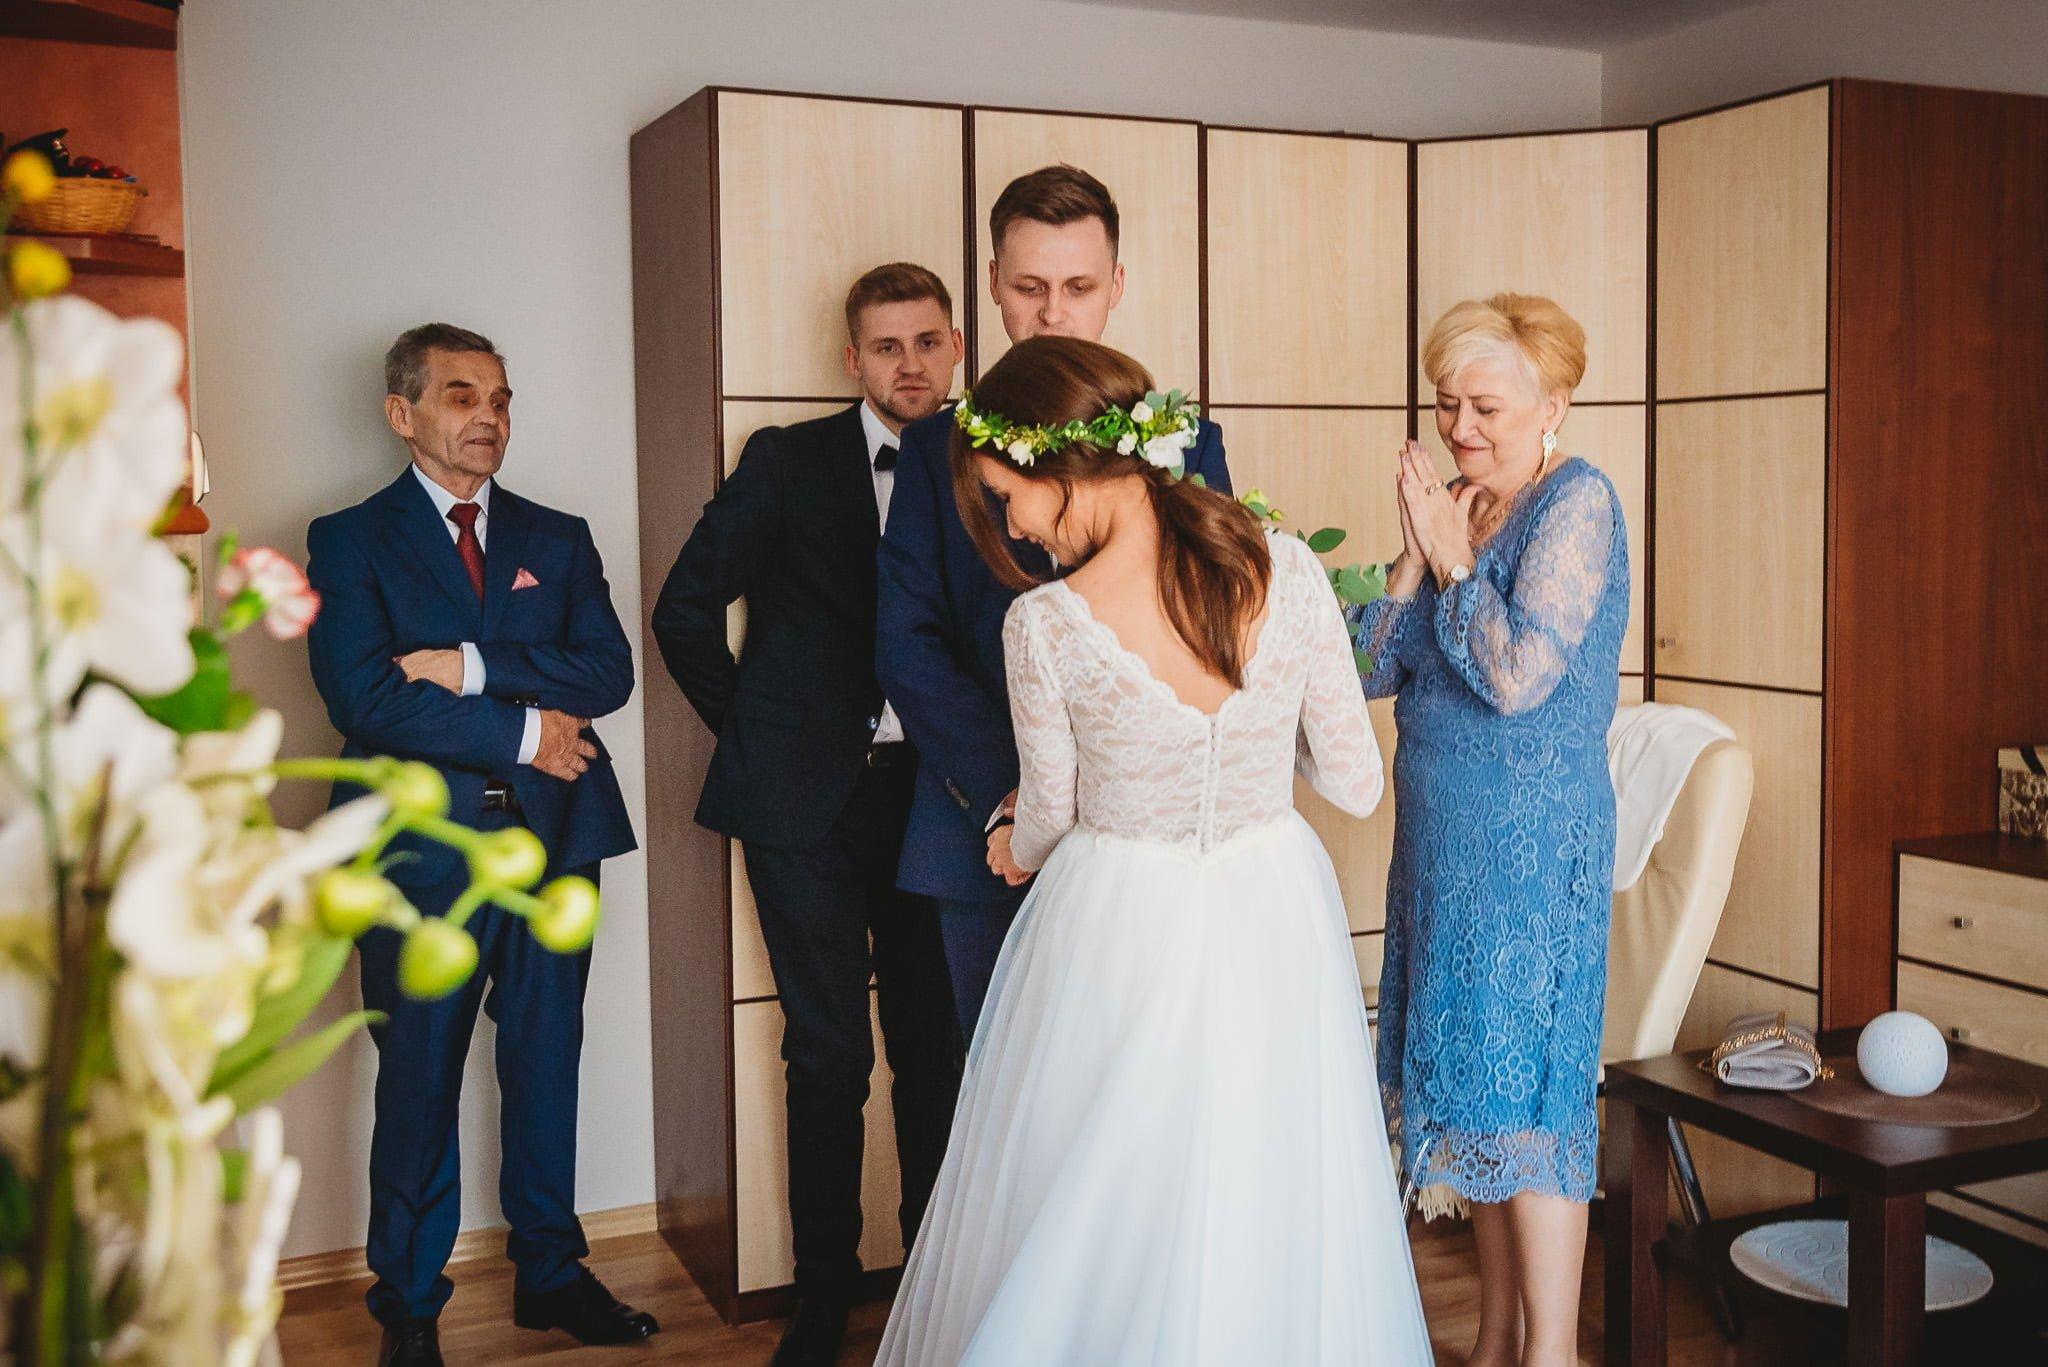 Fantastyczny ślub w stylu rustykalnym, wesele w Kapitańskiej  fotograf ślubny Konin 47